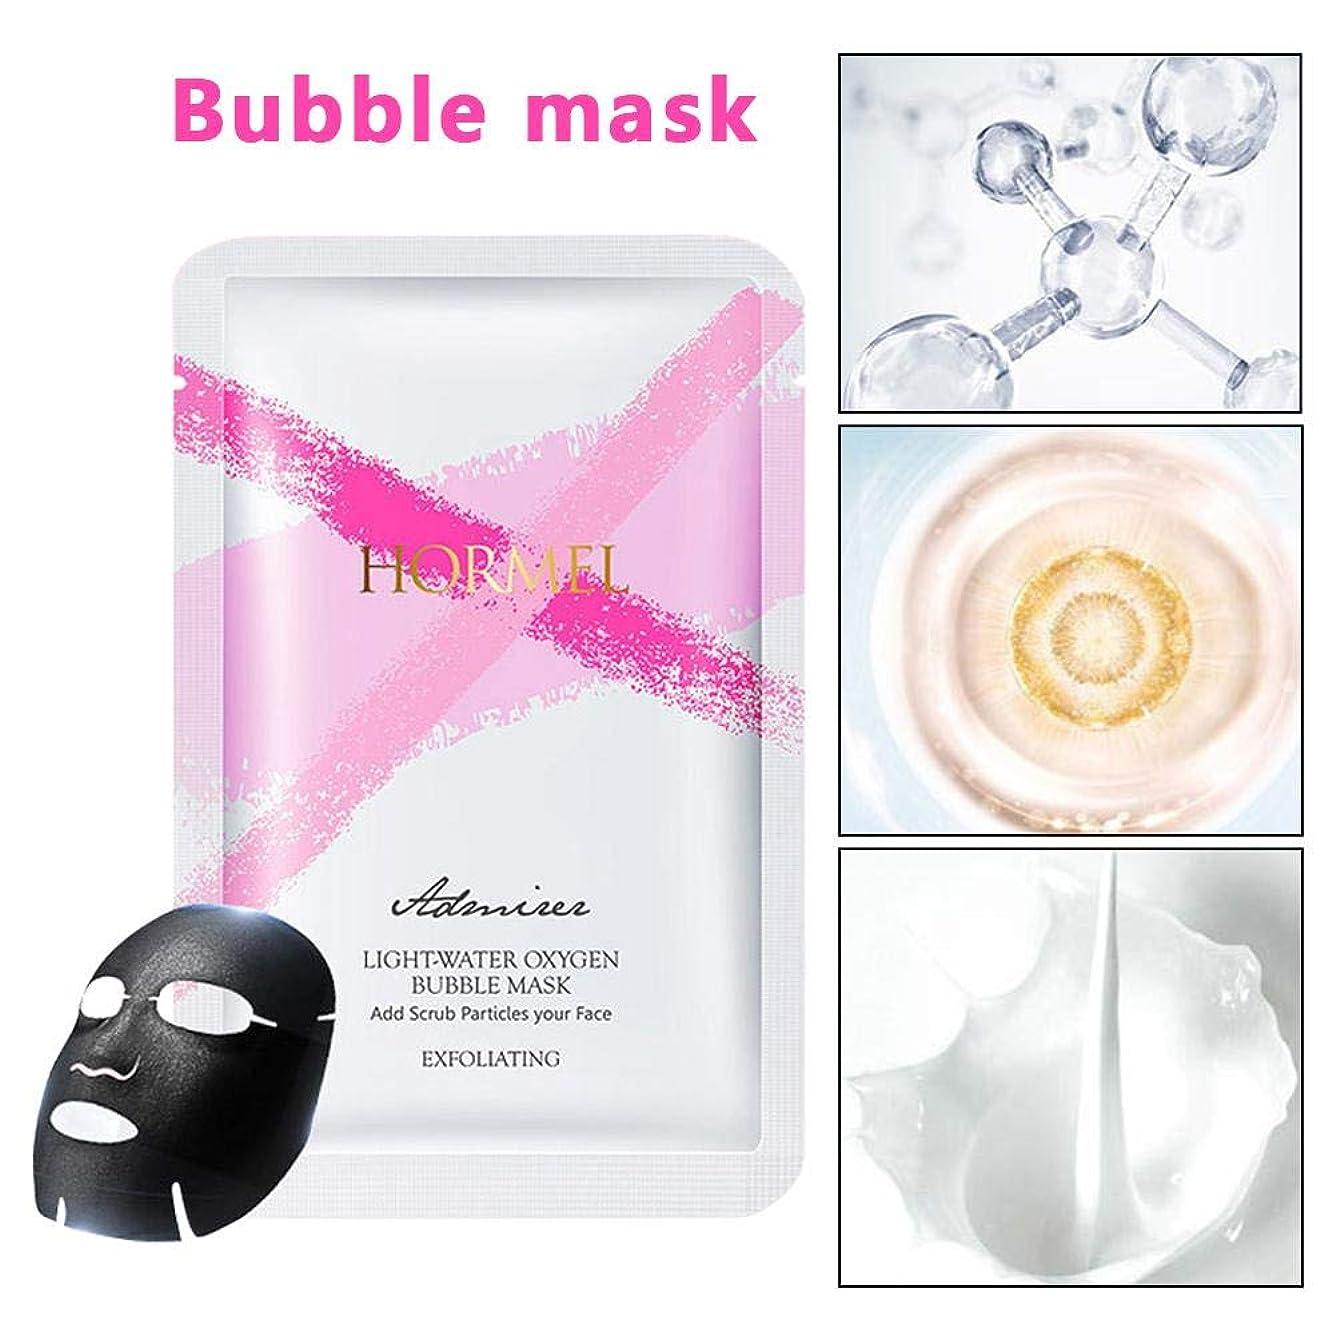 clouday 洗顔フォーム バブルマッドマスク パック たっぷり フィス ホワイト 洗顔 汚れを落とす 炭酸 マッド 40g バブル 泥パック 毛穴 汚れ スッキリ 黒ずみ well-suited